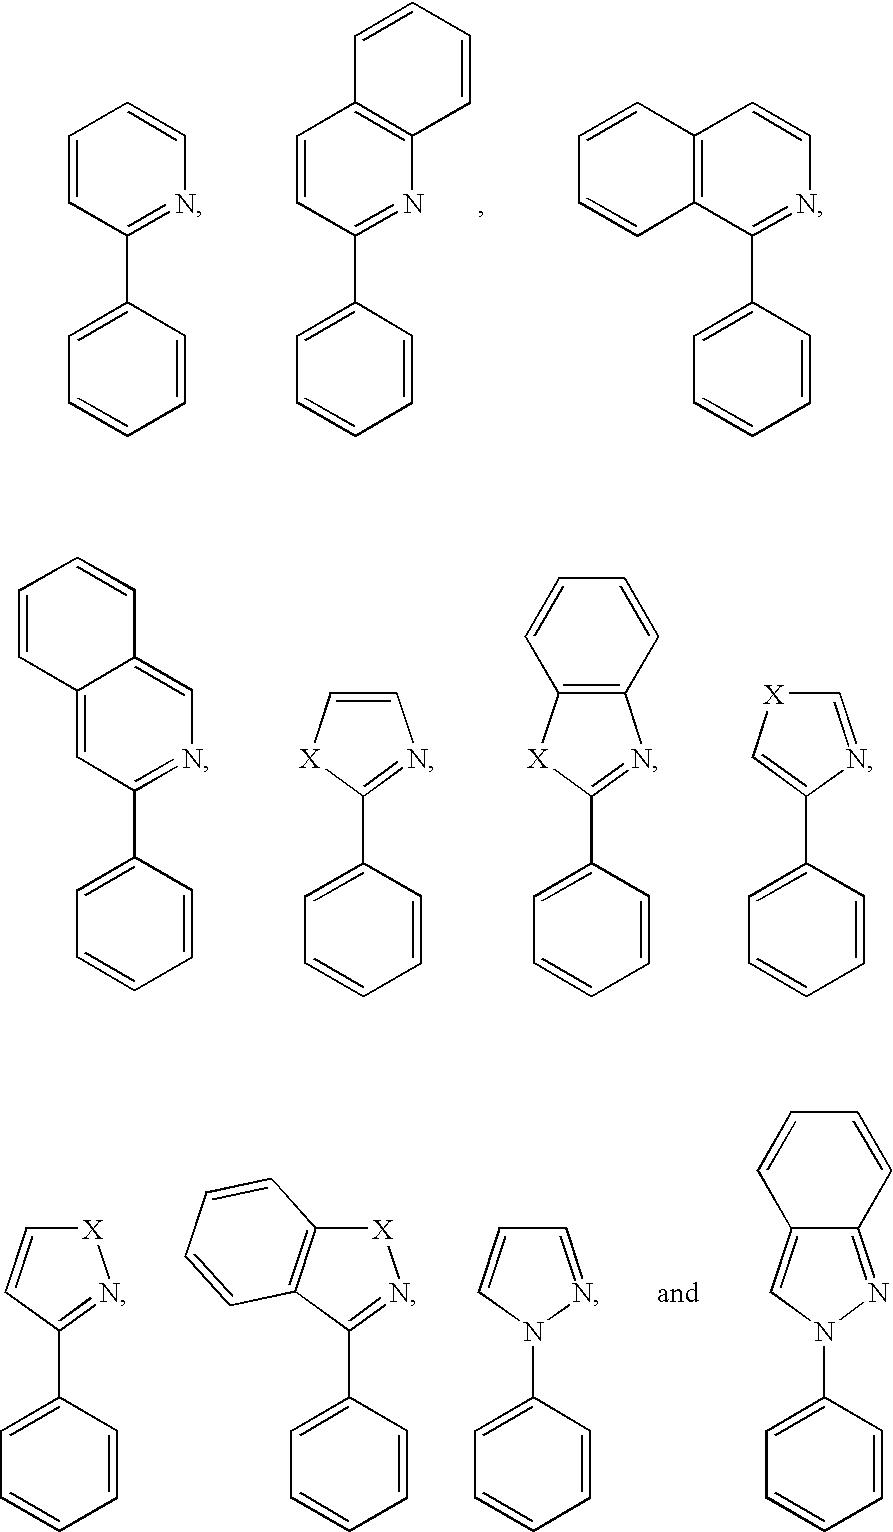 Figure US20100090591A1-20100415-C00180